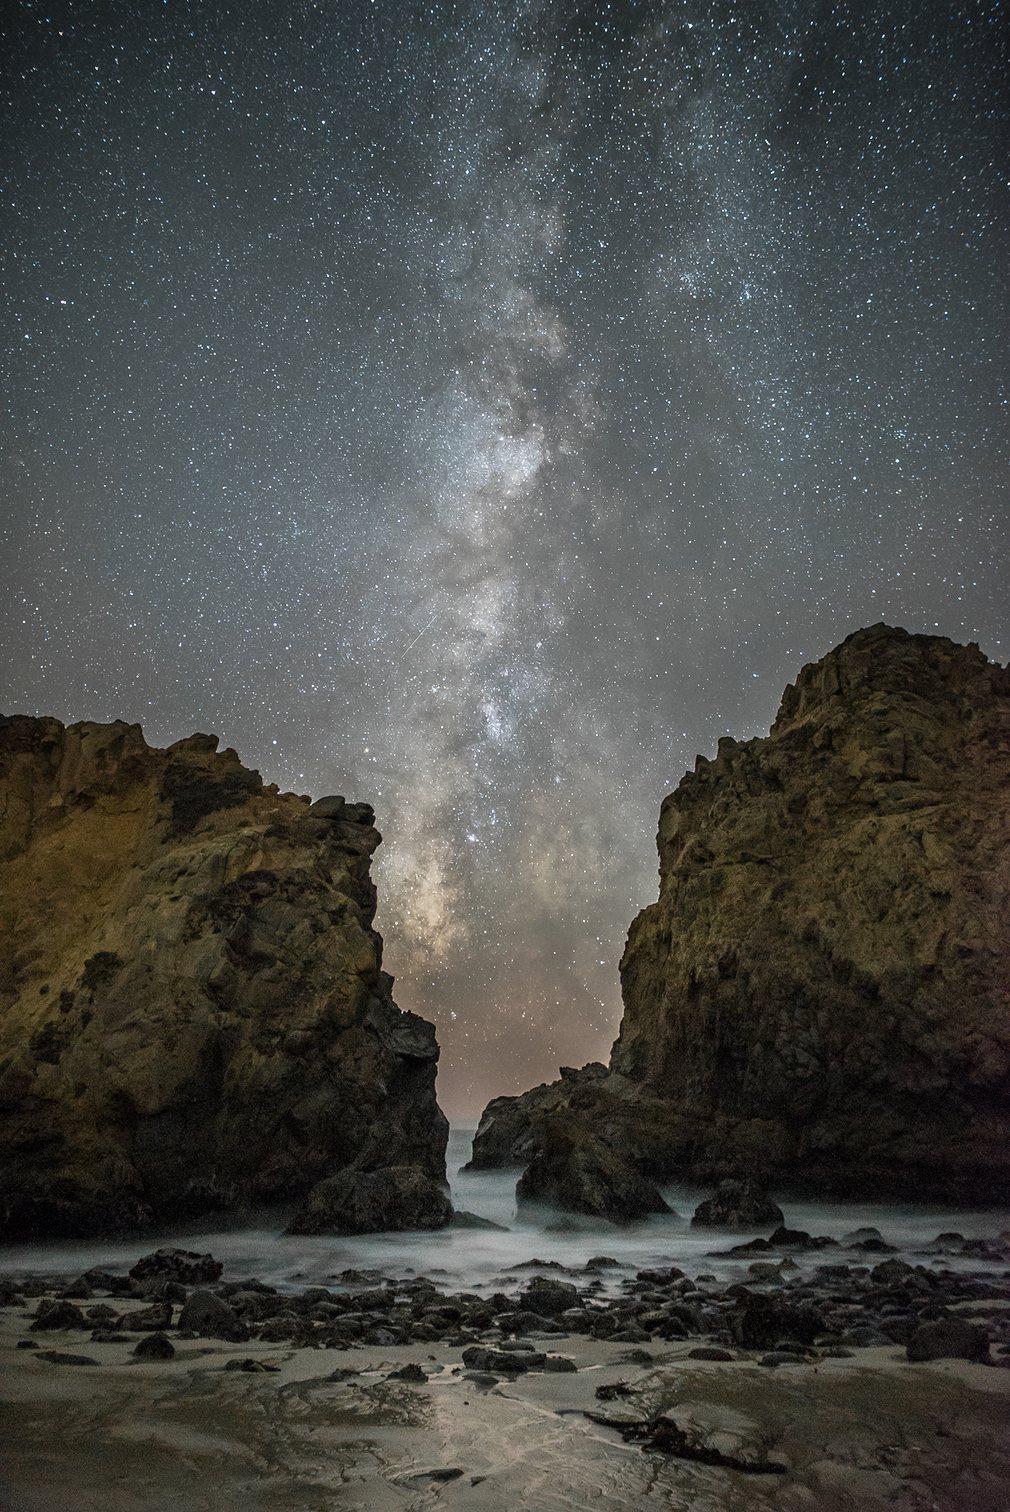 12. Рик Витакр (США) – Между скал. Наша галактика, Млечный Путь, простирается на ночном небе между двумя внушительными скалами на пляже Пфайфер в Калифорнии.